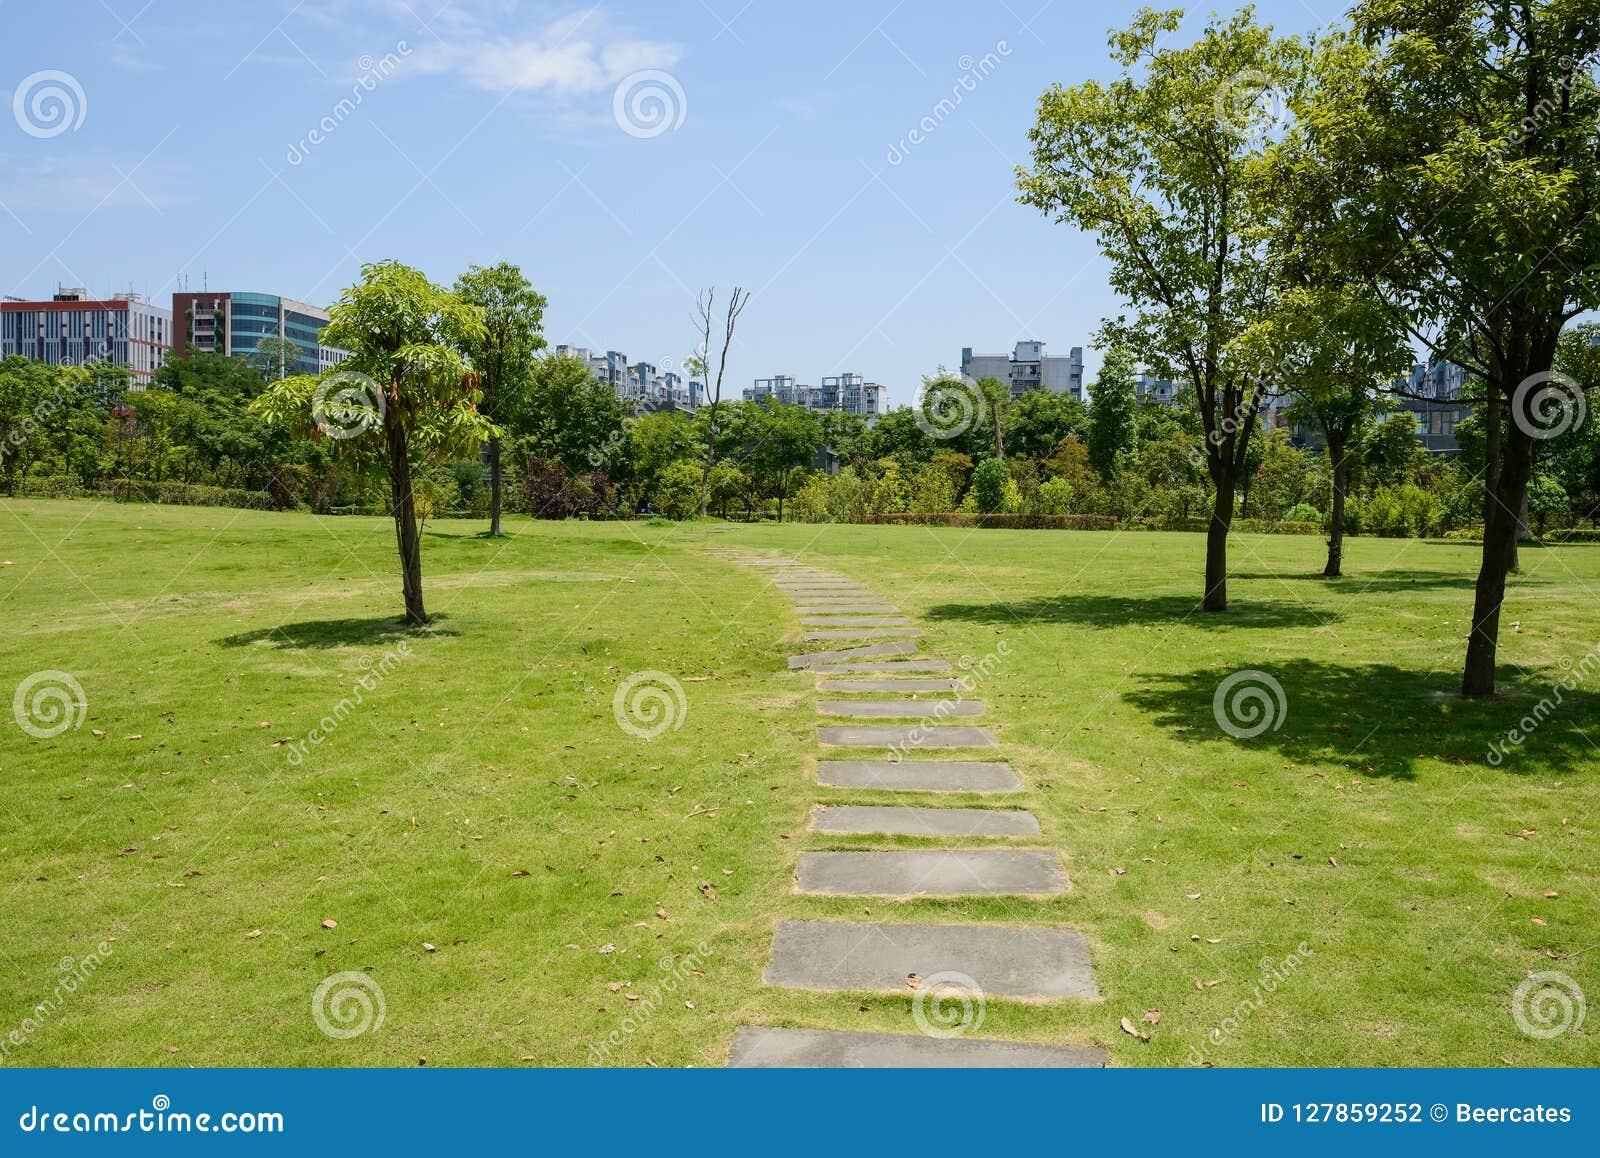 石板道路在有传说上有名大厦的草坪在s的背景中